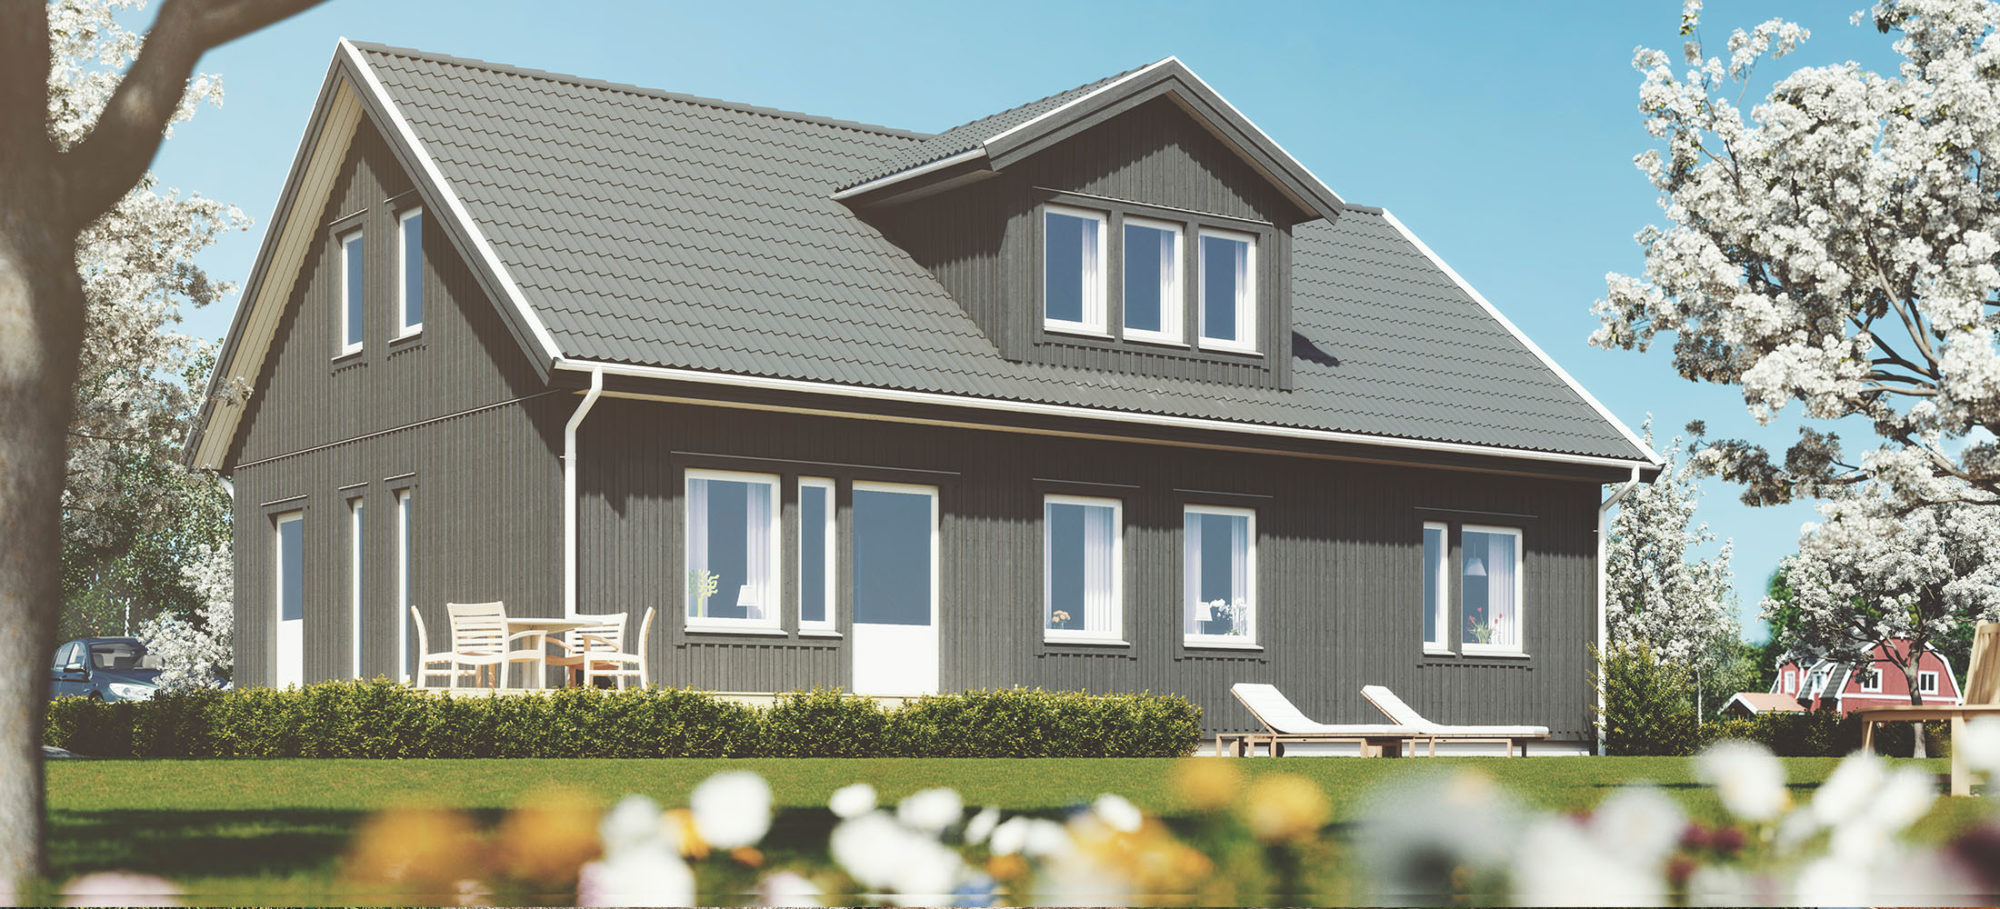 1,5-planshus. Grå fasad och grått tak. Vacker takkupa på baksidan.